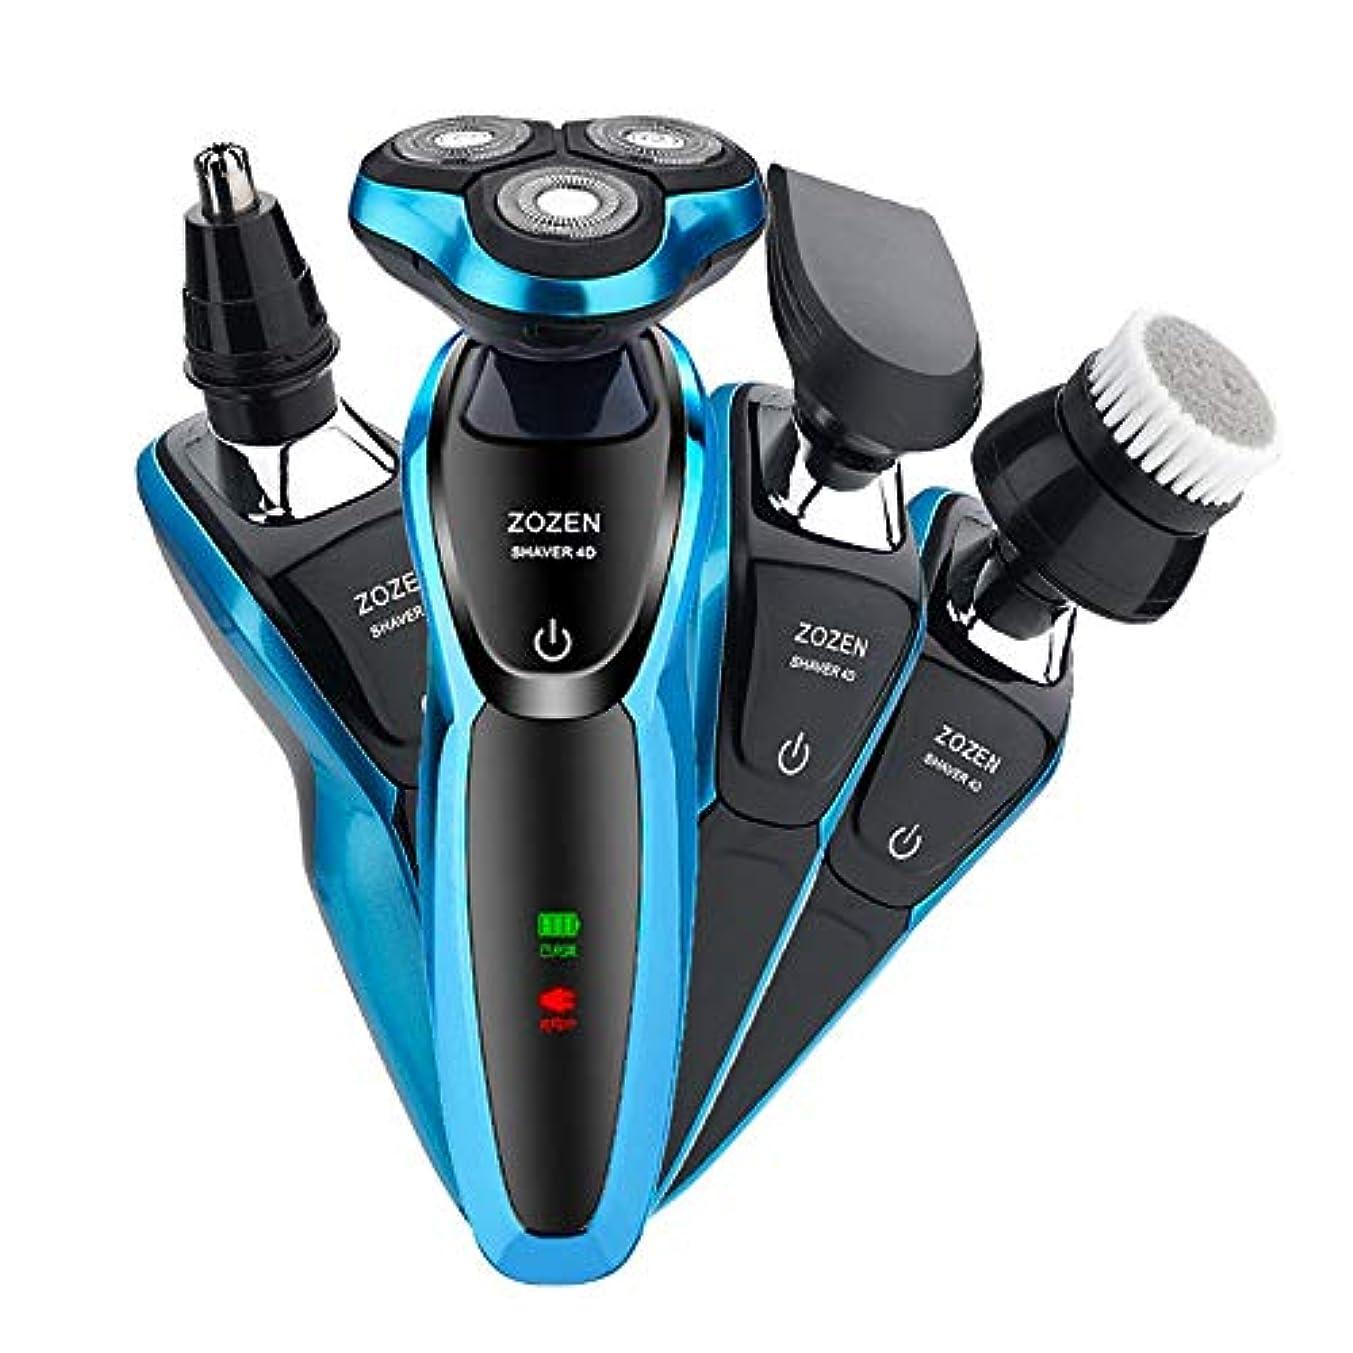 地雷原制限するシャンプービアードトリマーメンズ鼻毛トリマーを充電USBメンズ多機能車 (Color : Blue, Size : USB)